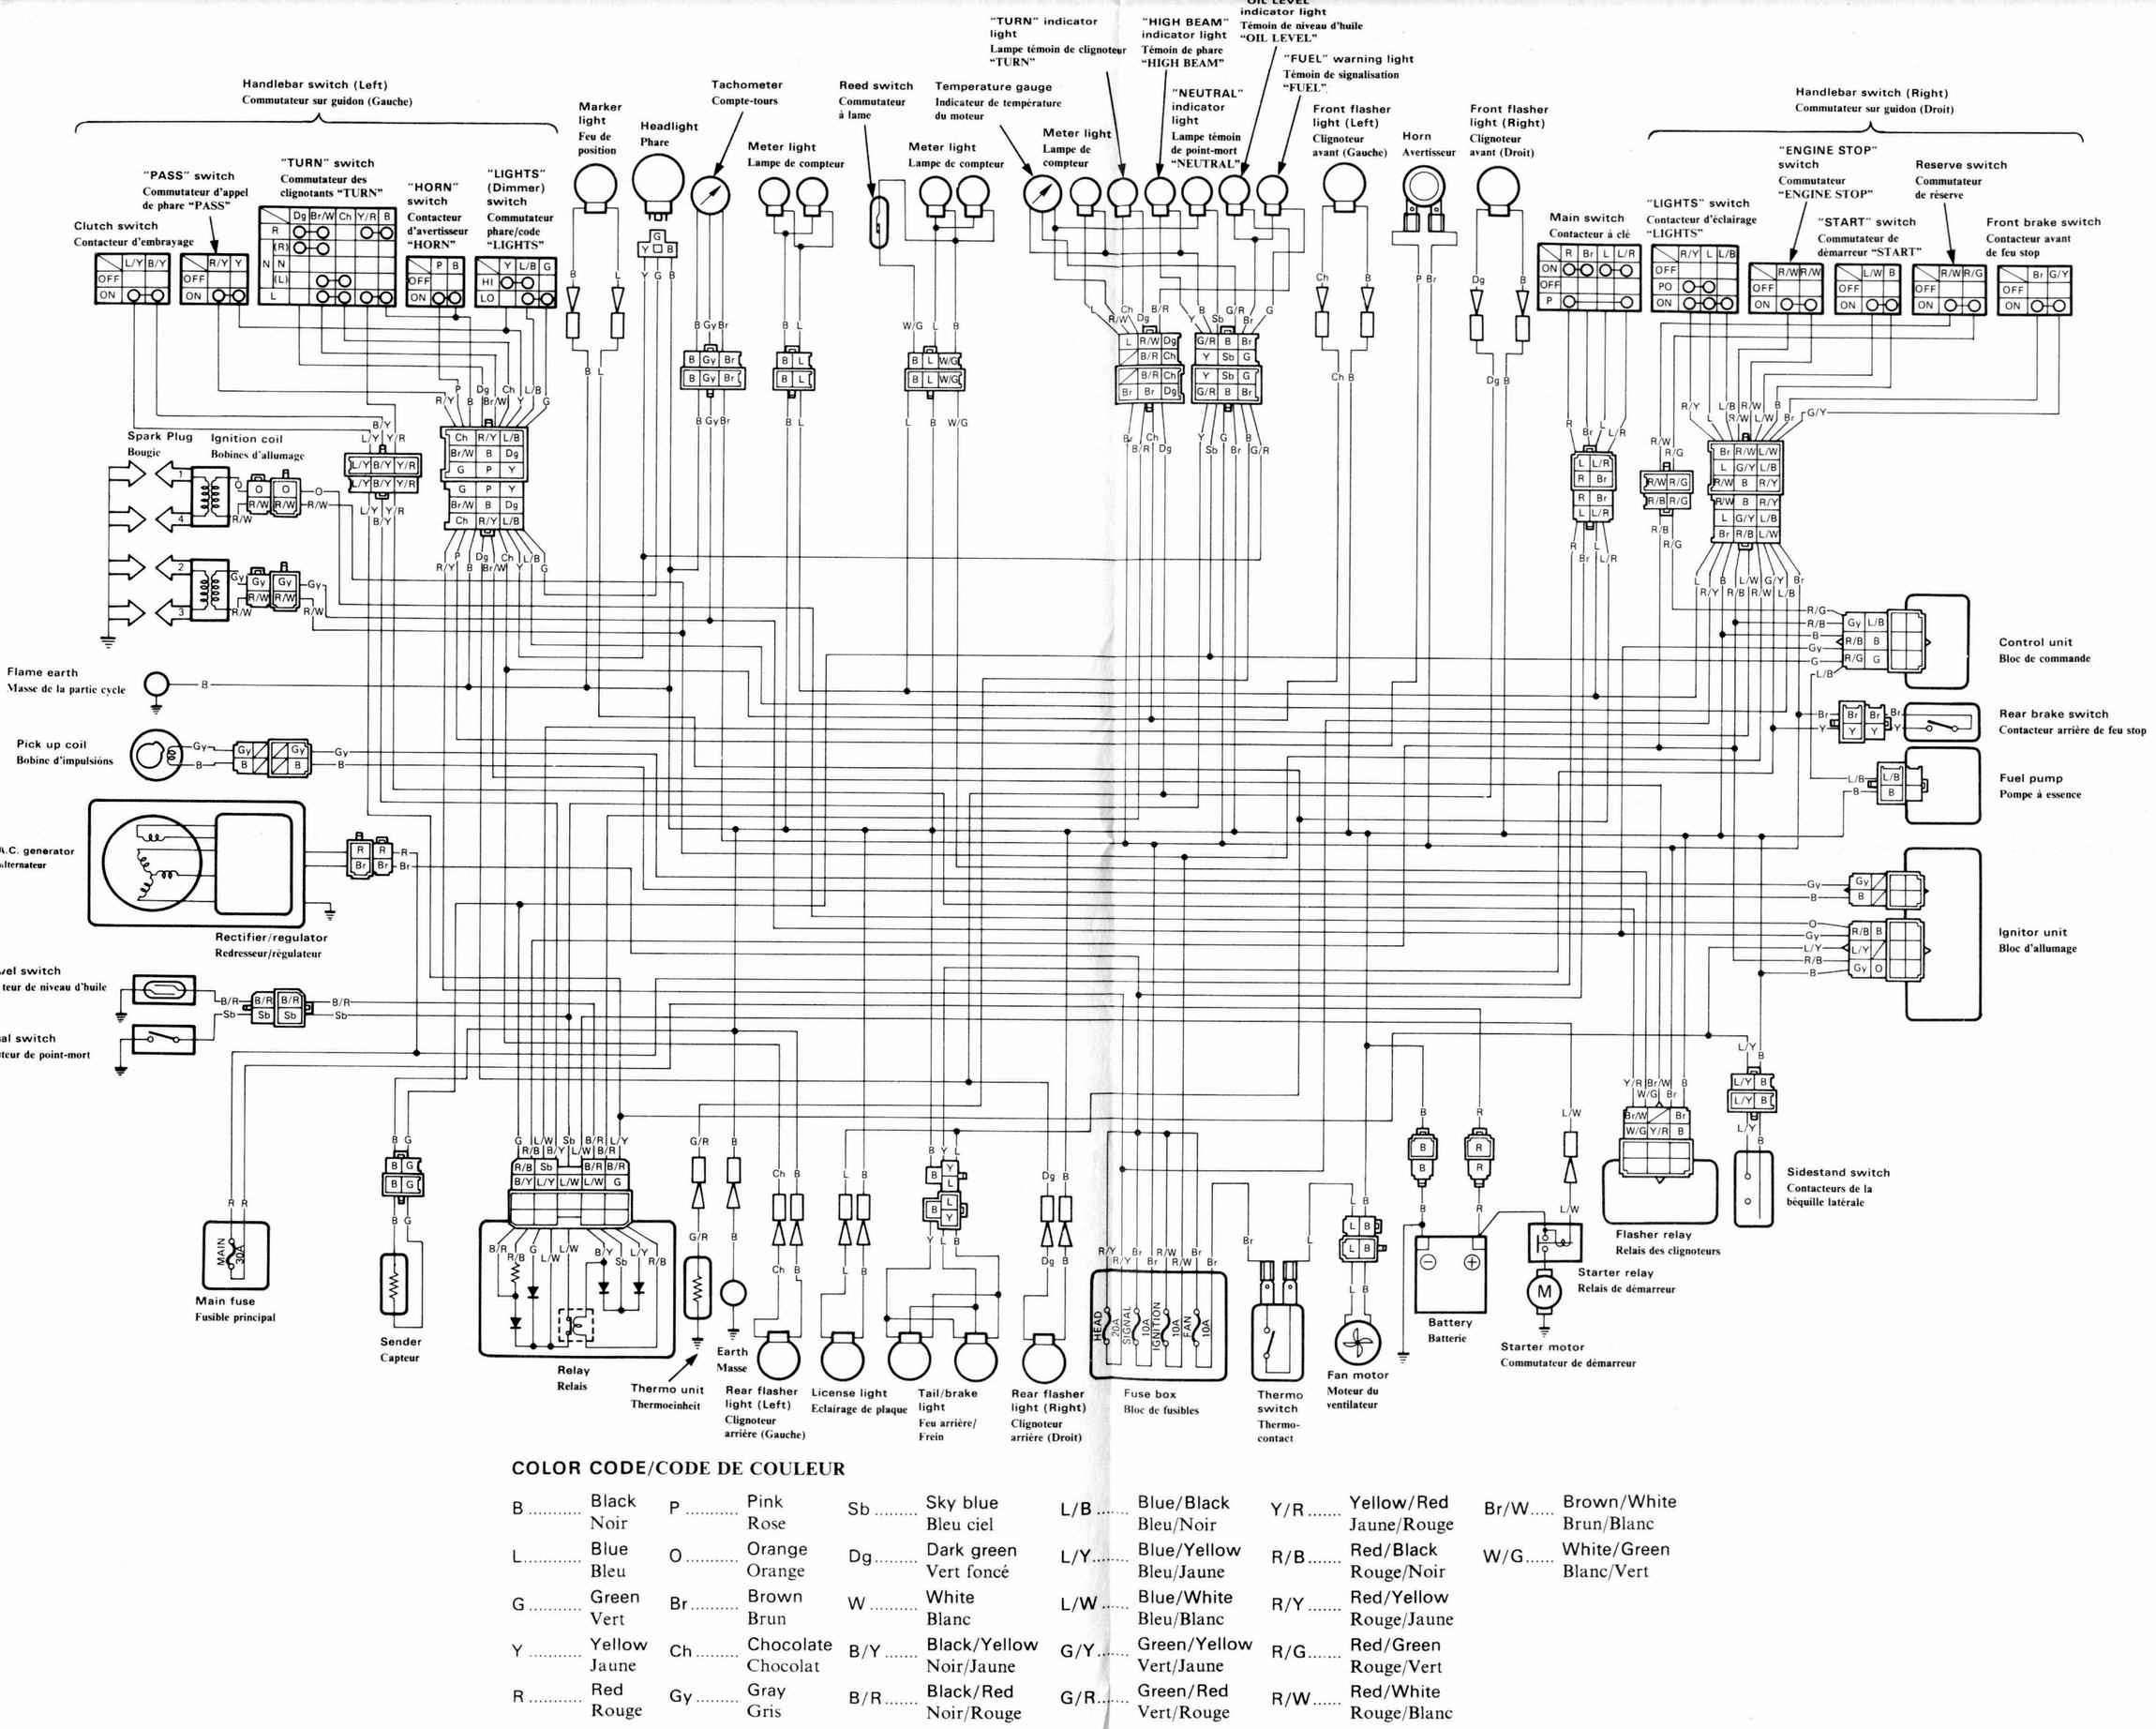 1987 Yamaha Fazer 600 Wiring Diagram : 36 Wiring Diagram